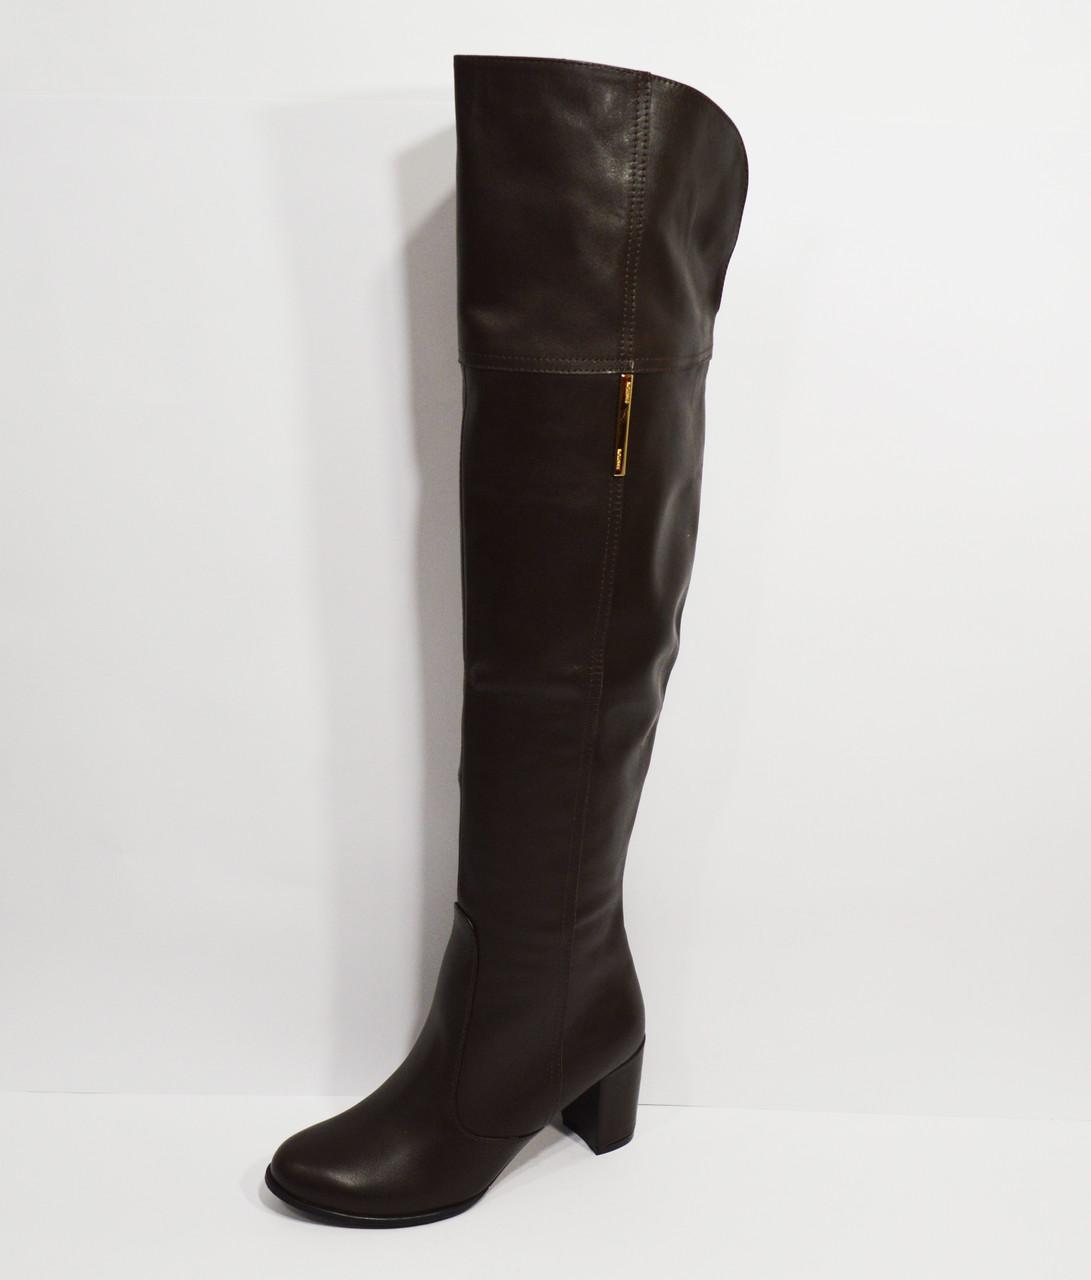 Сапоги коричневые демисезонные Kluchini 3403